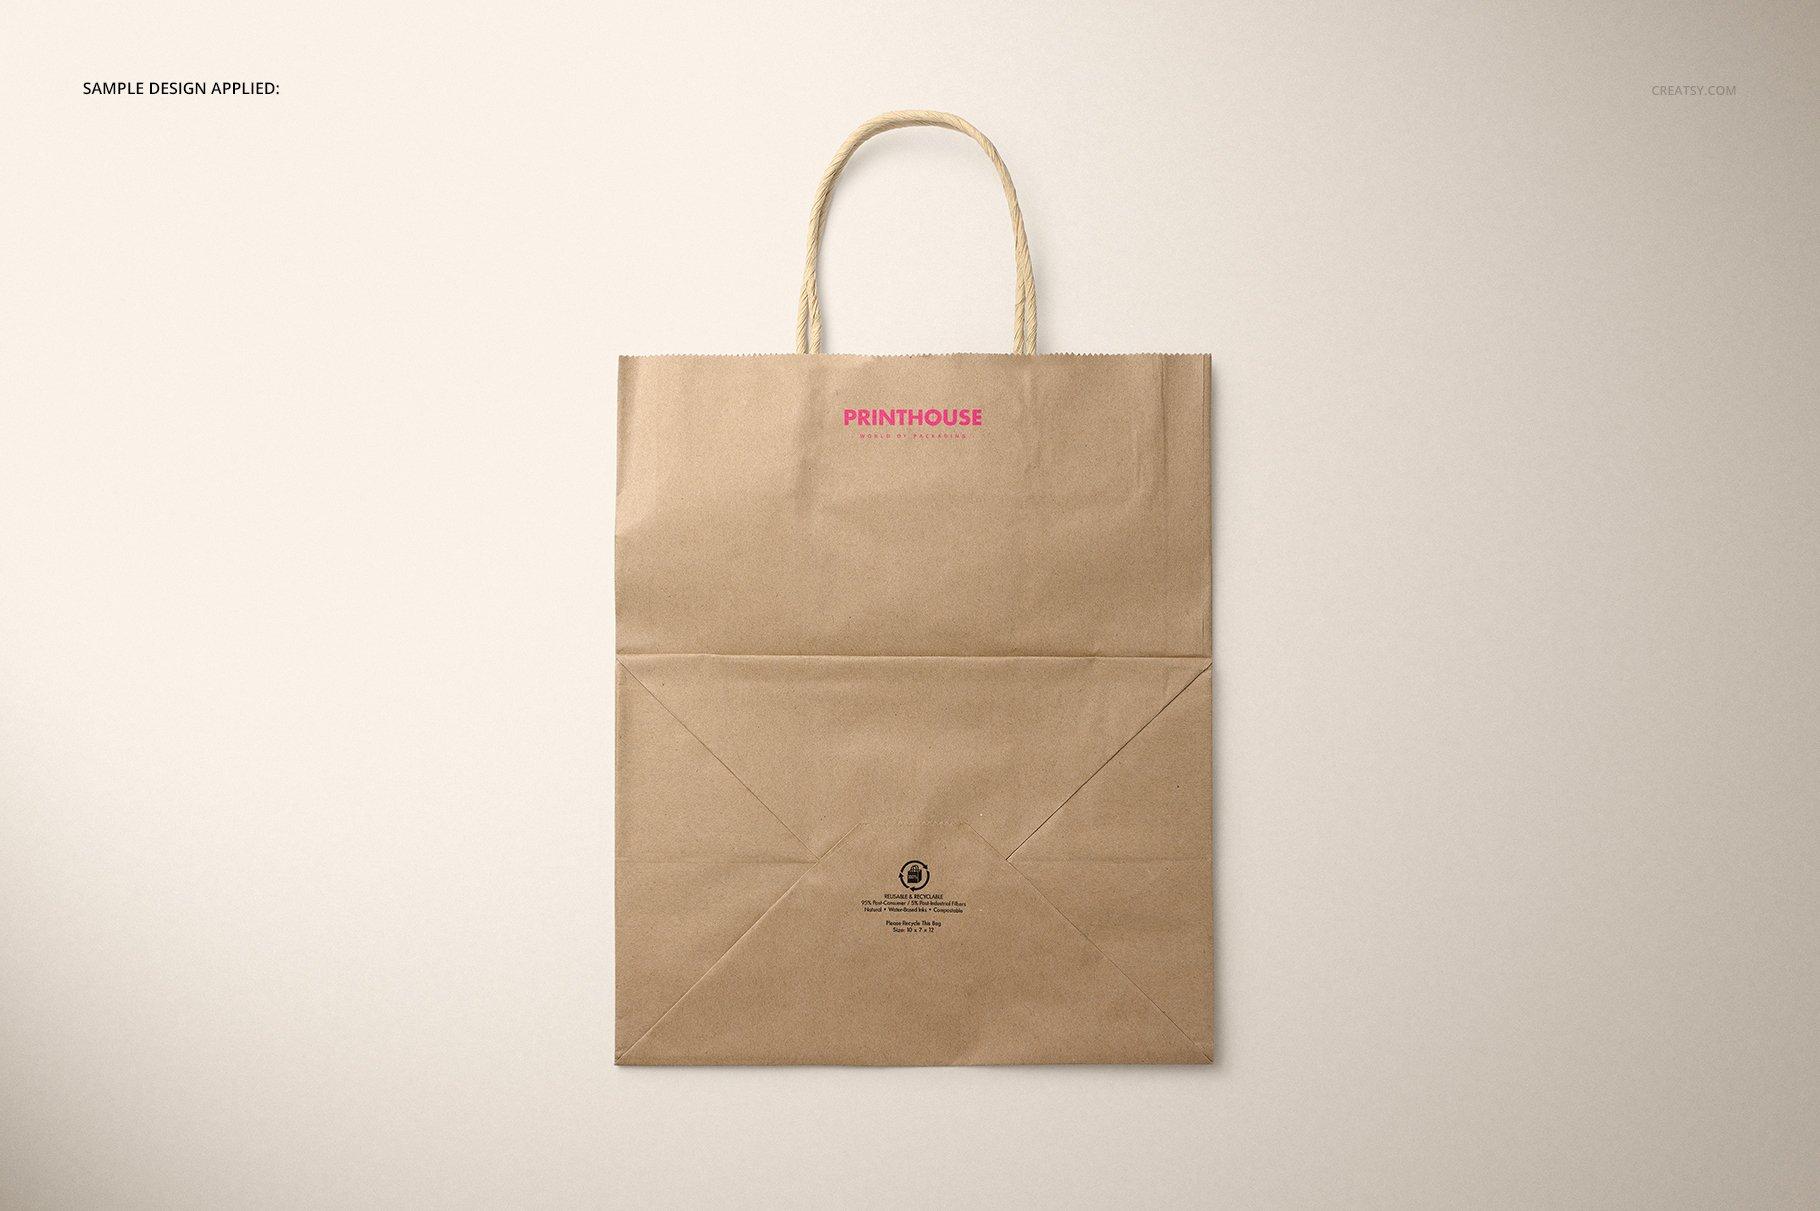 [淘宝购买] 时尚牛皮纸购物手提纸袋设计贴图样机模板 Natural Kraft Shopping Bag Mockup 2插图(7)